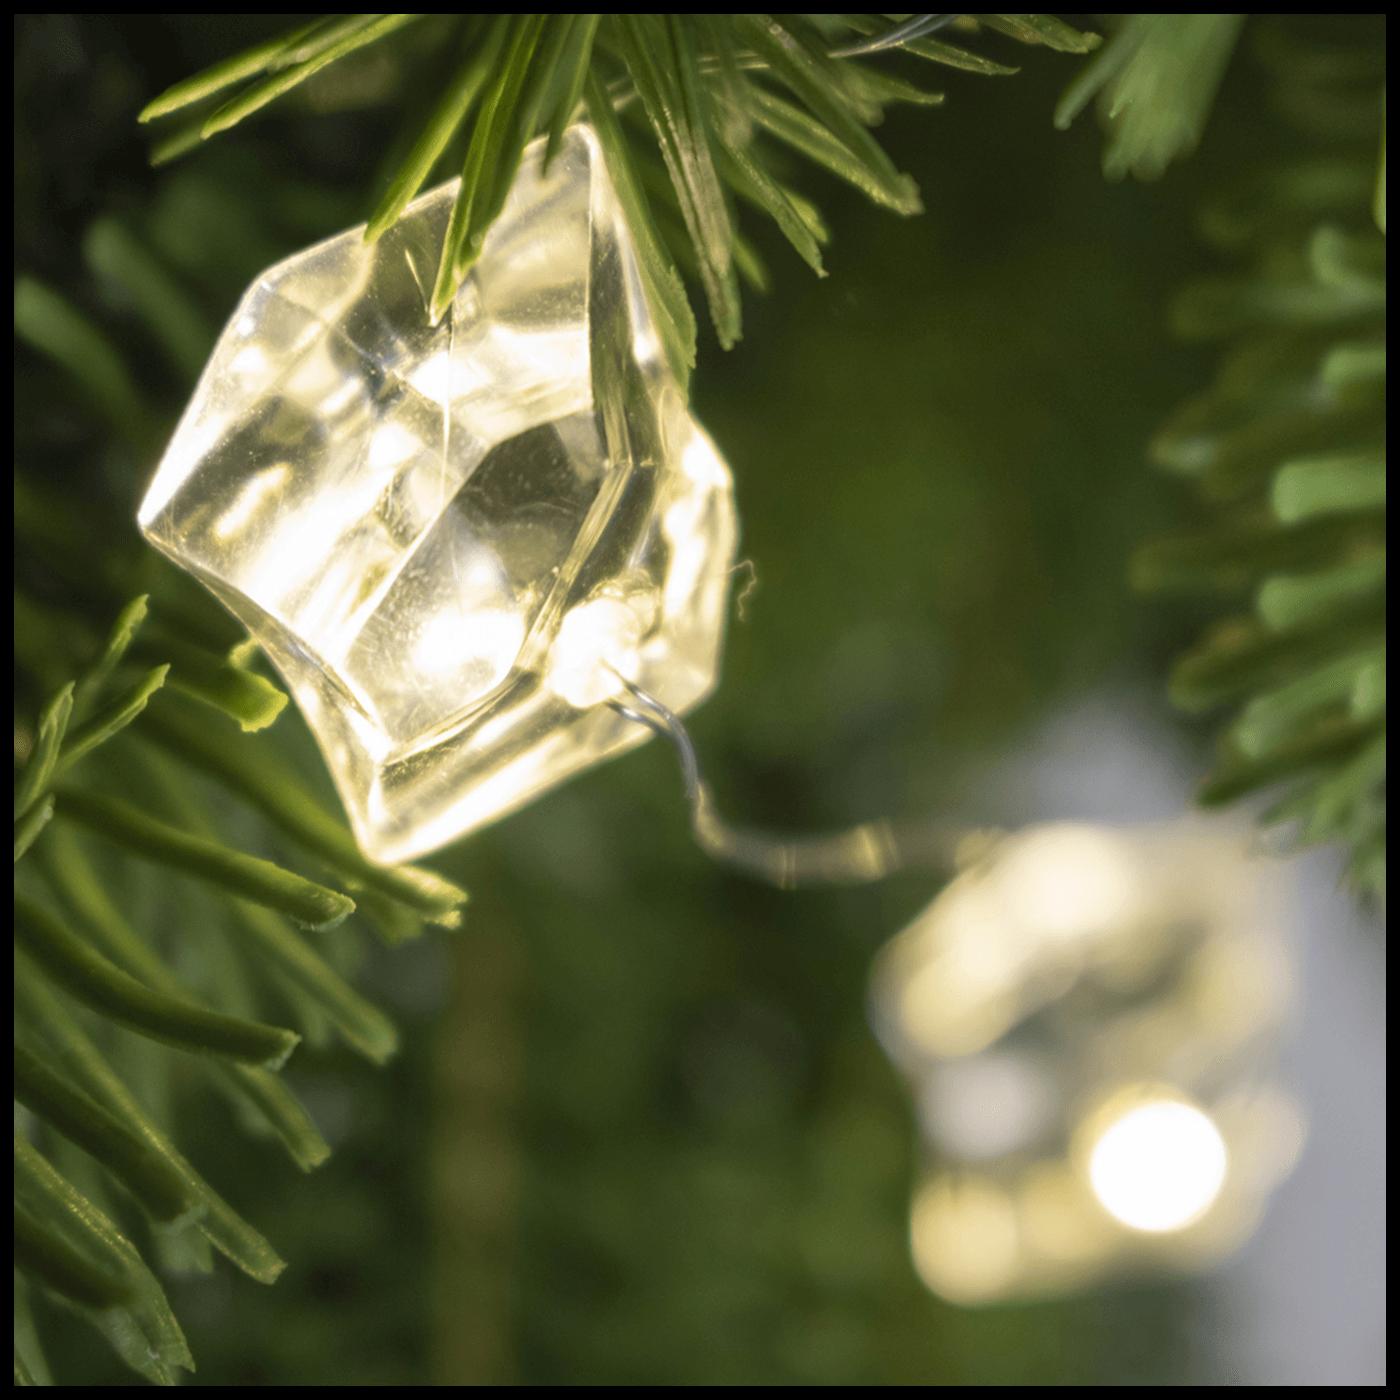 Dekorativna LED rasvjeta, kristali